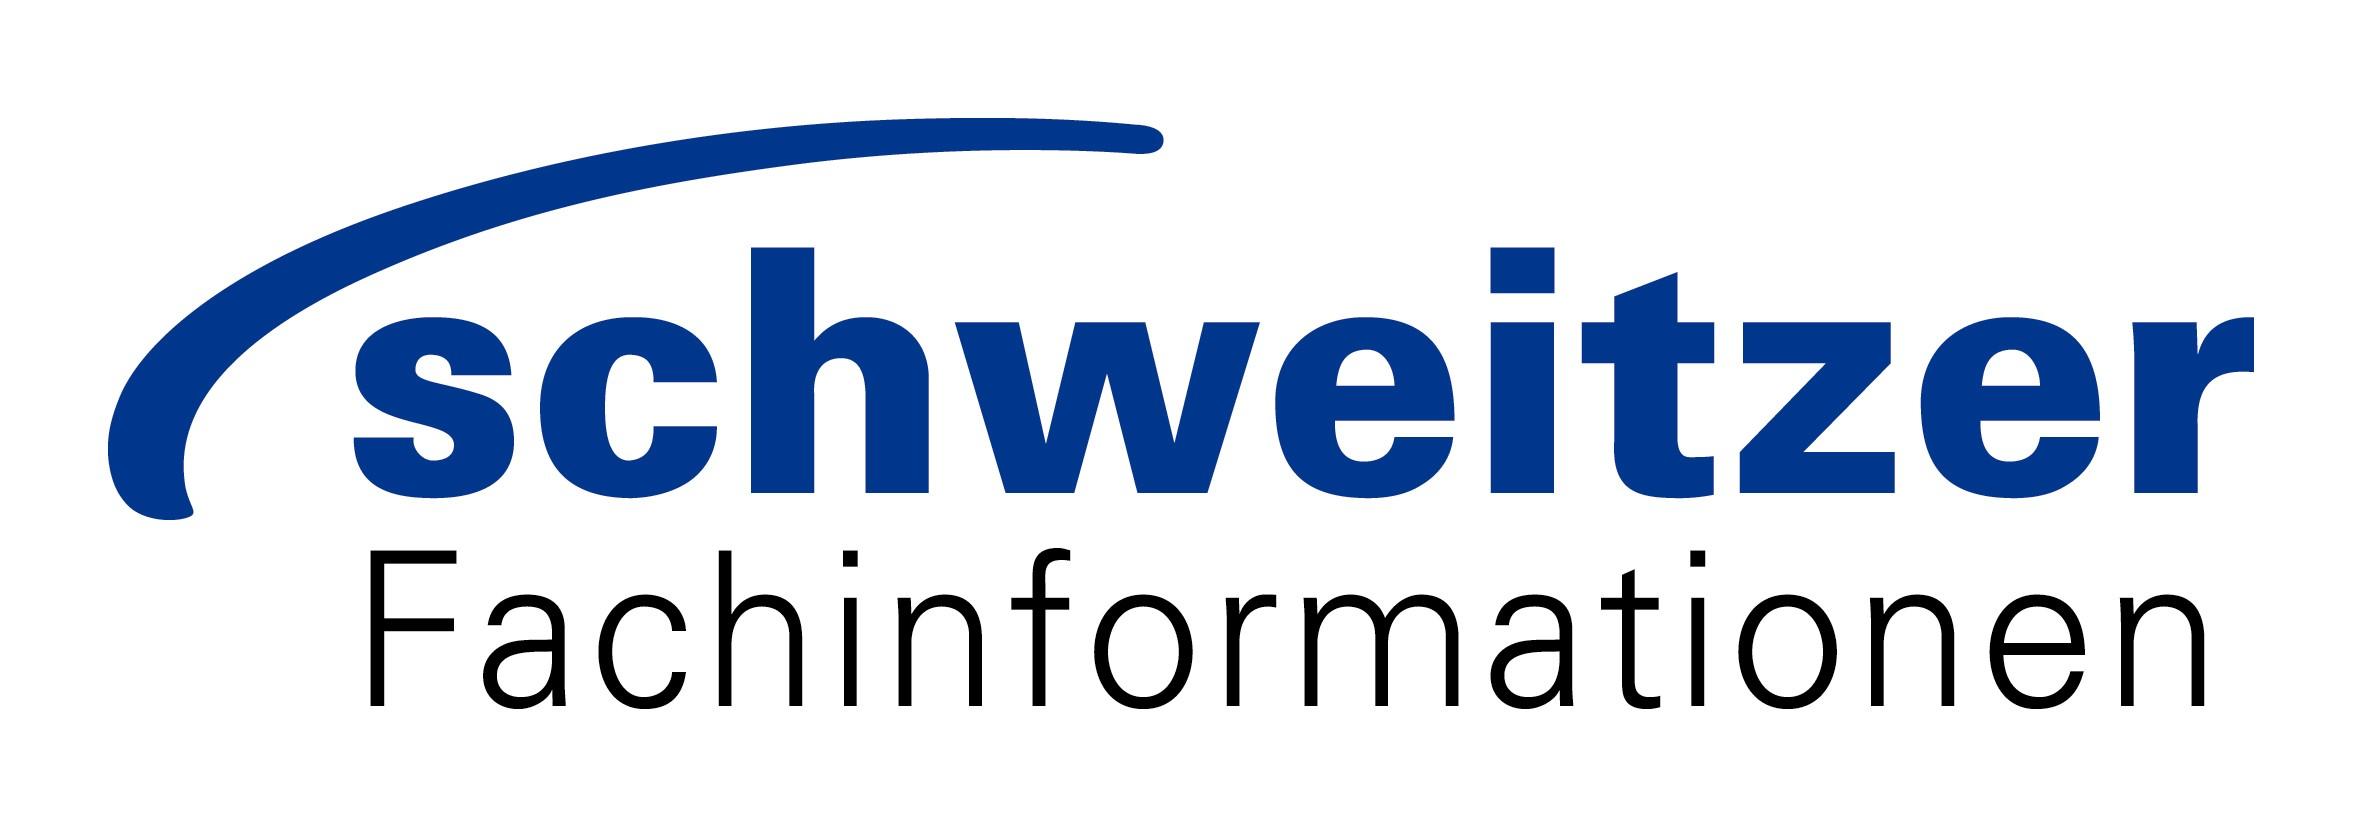 Schweitzer Fachinformationen - Referenzen - Jens Hannewald